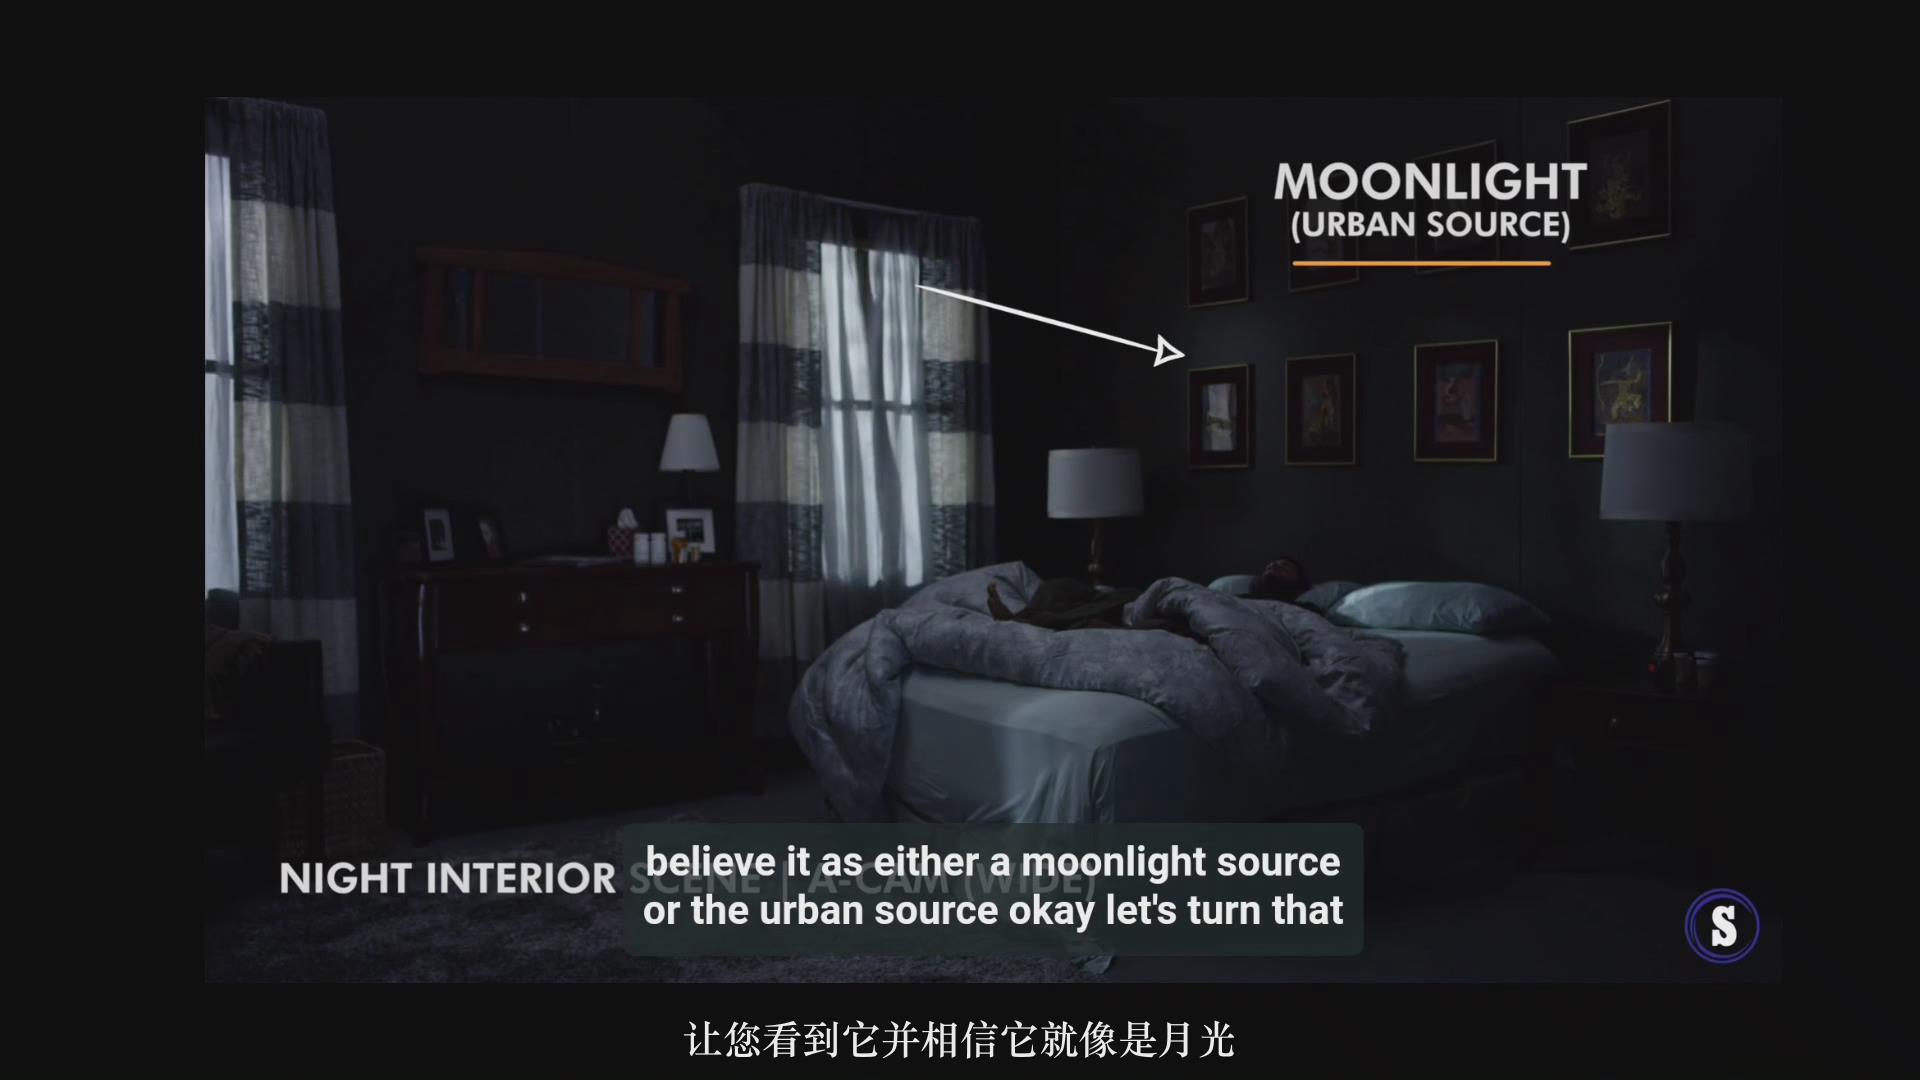 摄影教程_Hurlbut Academy–如何为电影在夜景室内场景布光营造自然外观-中文字幕 摄影教程 _预览图4